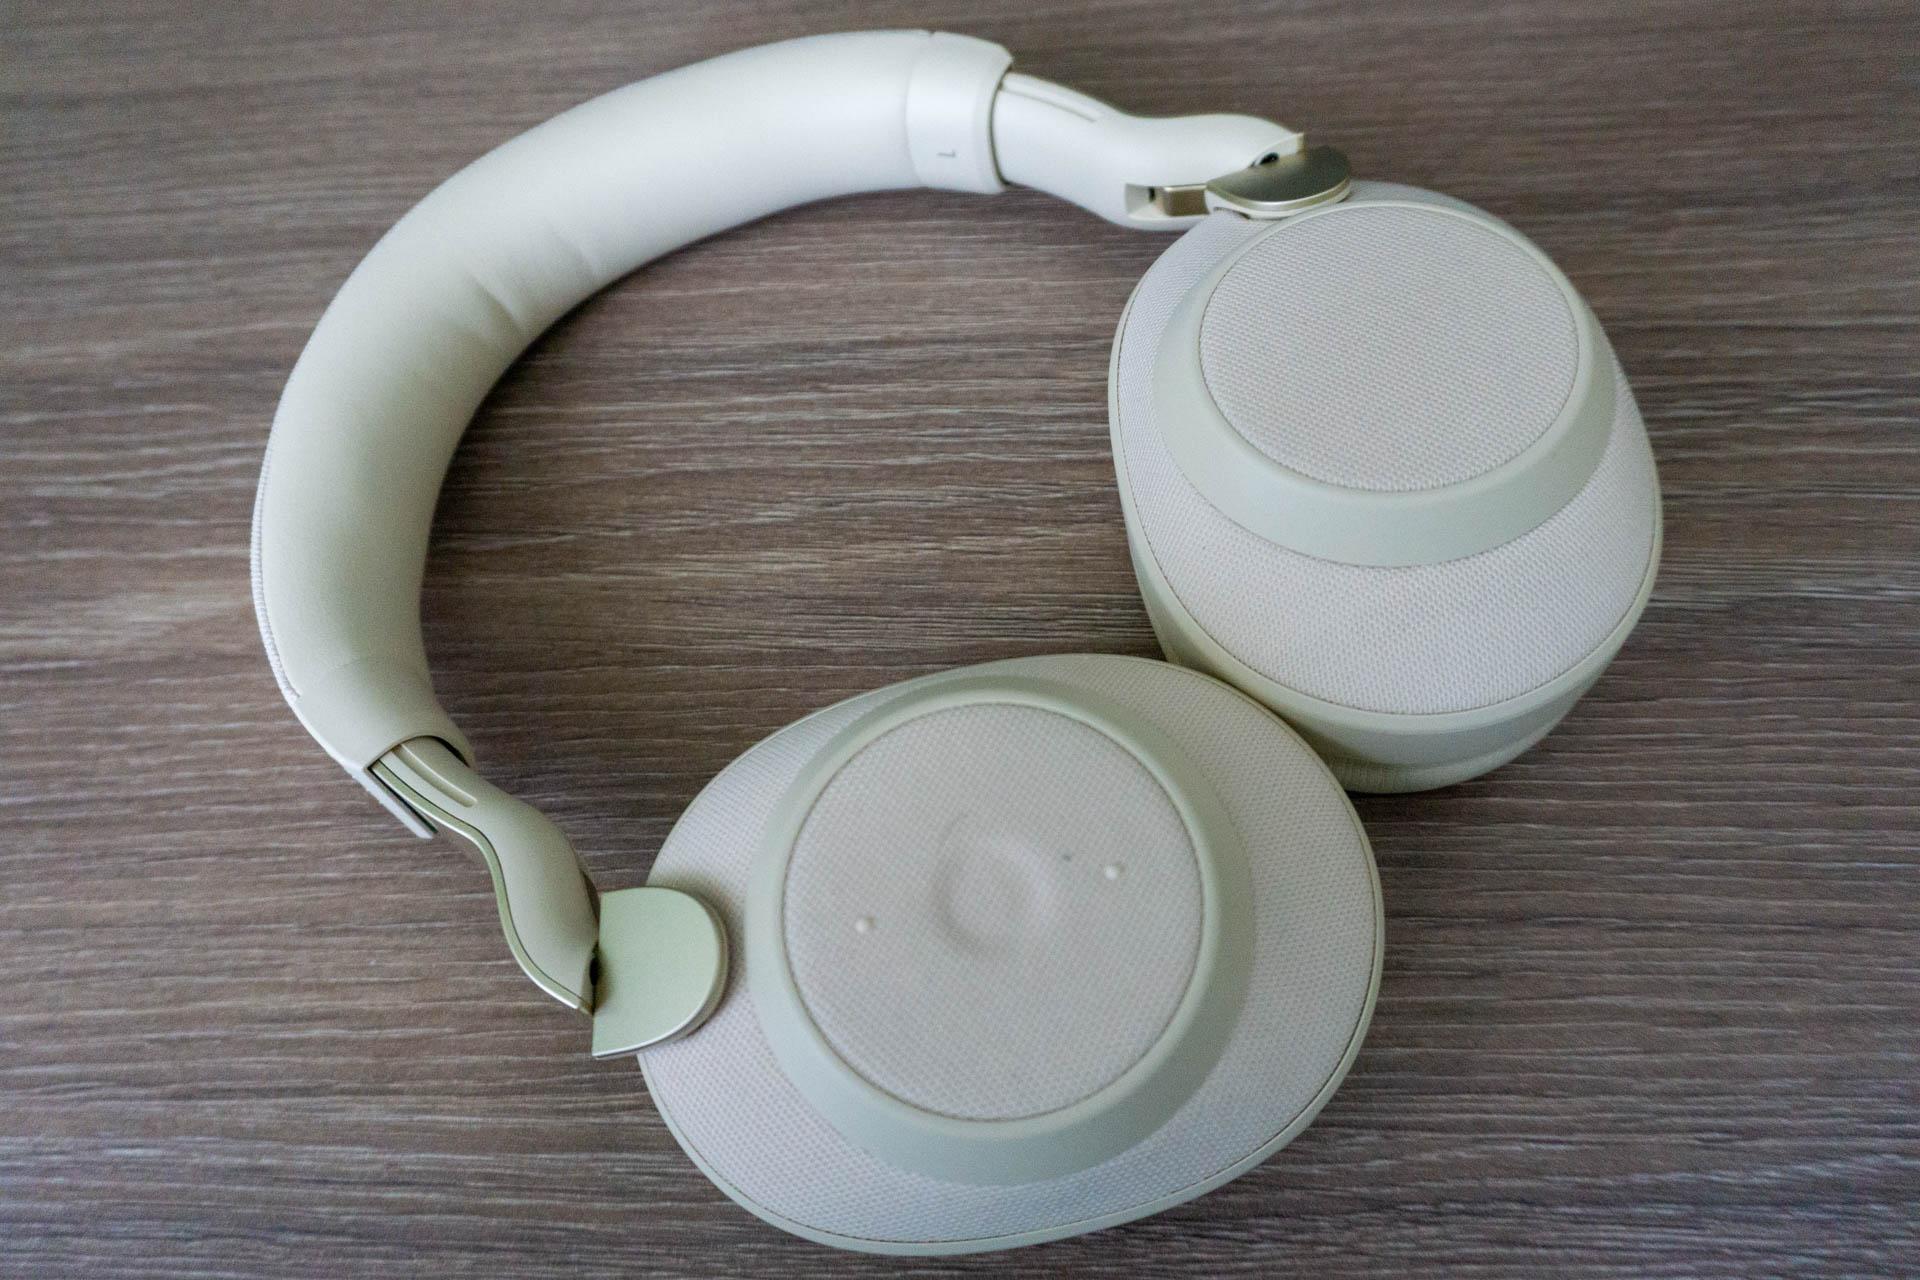 Słuchawki Jabra Elite 85h - tylko dla biznesmenów? (recenzja) 35